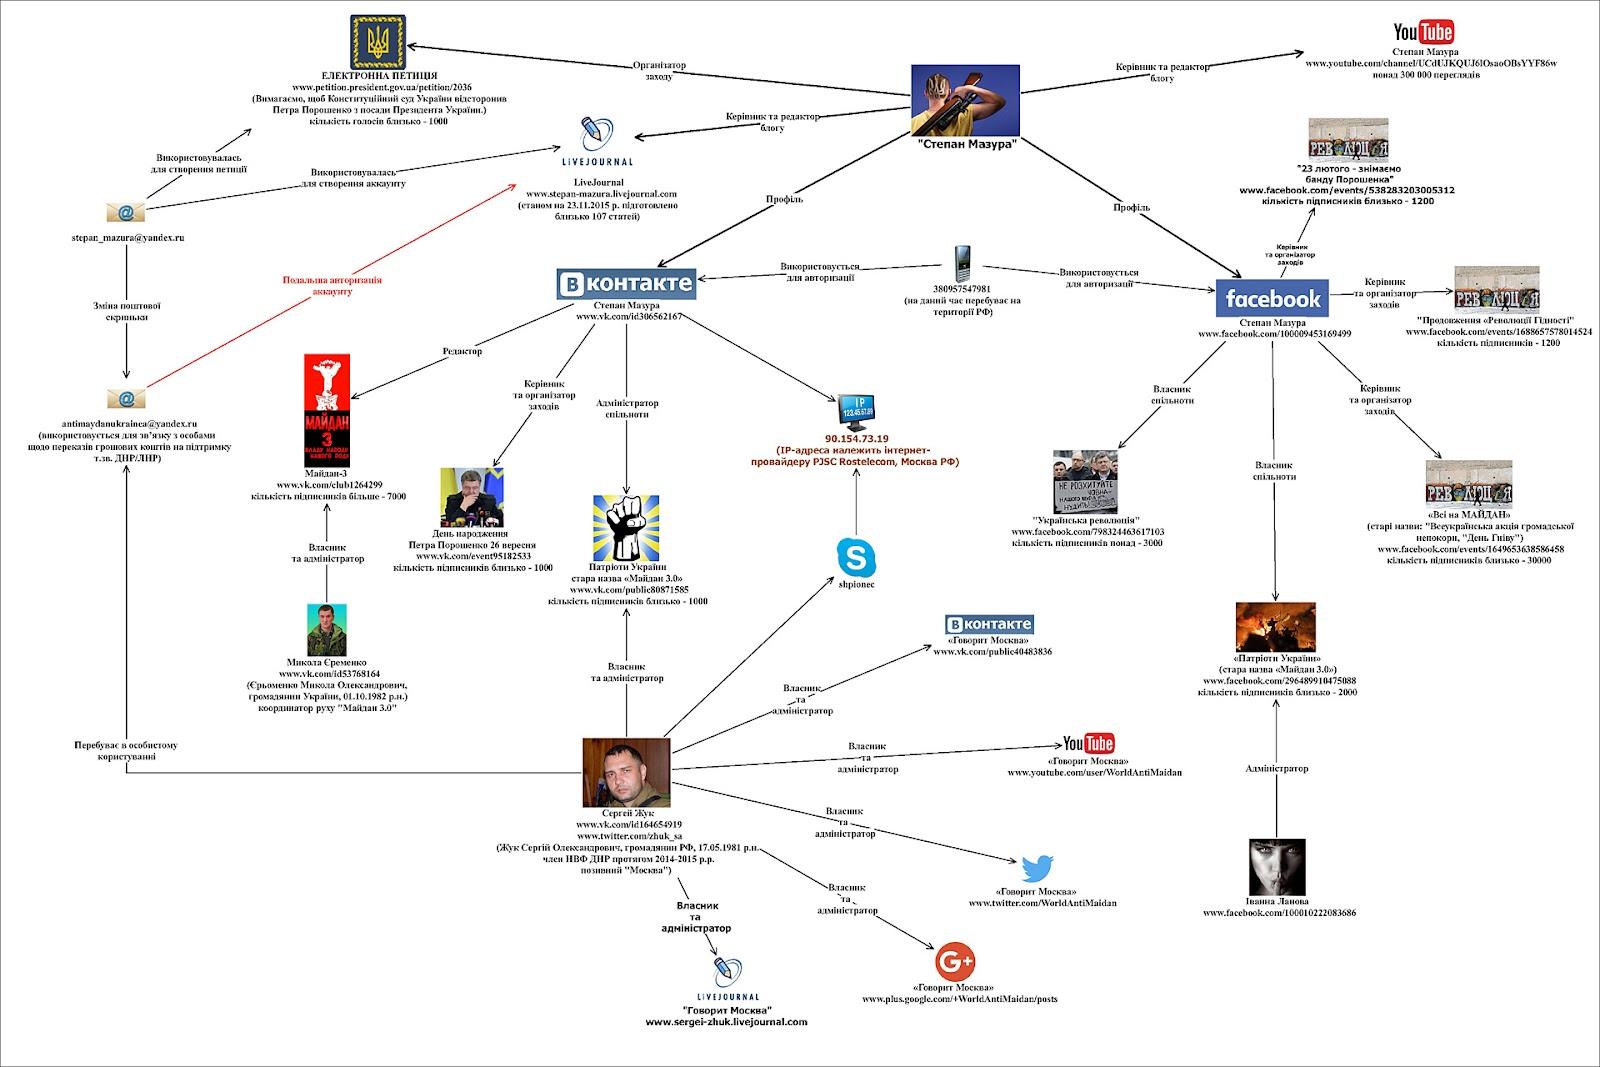 Схема, как работают фейковые аккаунты бывшего боевика в соцсетях